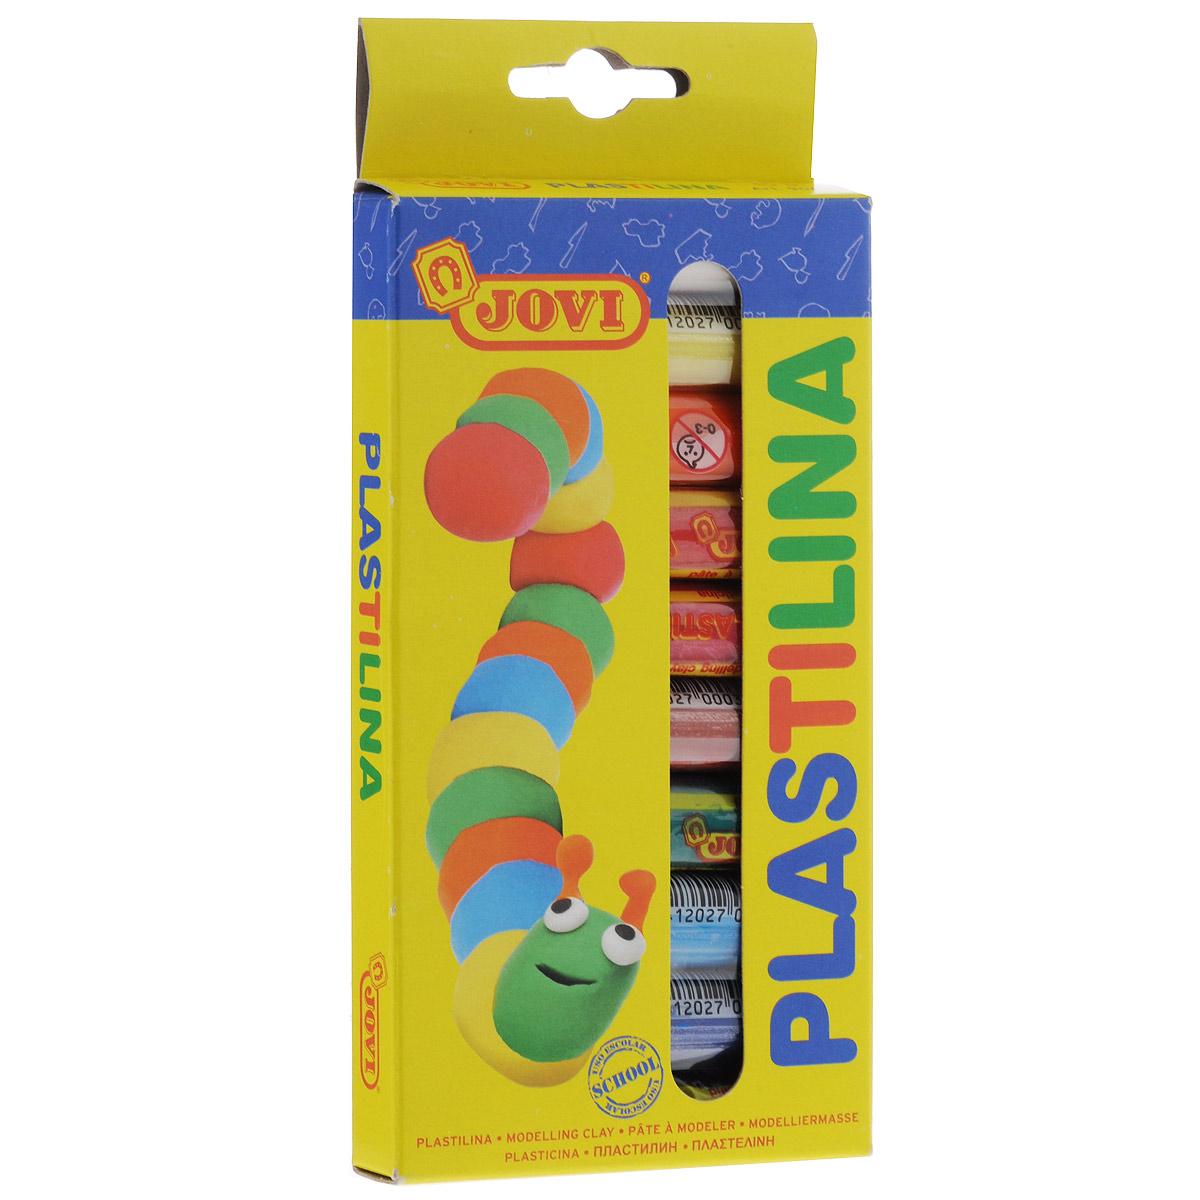 Пластилин Jovi, 10 цветов72523WDПластилин Jovi - это отличная возможность познакомить ребенка с еще одним из видов изобразительного творчества, в котором создаются объемные образы и целые композиции. В набор входит пластилин 10 ярких цветов (белый, желтый, оранжевый, красный, малиновый, светло-коричневый, зеленый, голубой, синий, черный). Цвета пластилина легко смешиваются между собой, и таким образом можно получить новые оттенки. Пластилин на растительной основе, очень мягкий, имеет яркие, красочные цвета и не липнет к рукам.Техника лепки богата и разнообразна, но при этом доступна даже маленьким детям. Занятие лепкой не только увлекательно, но и полезно для ребенка. Оно способствует развитию творческого и пространственного мышления, восприятия формы, фактуры, цвета и веса, развивает воображение и мелкую моторику.